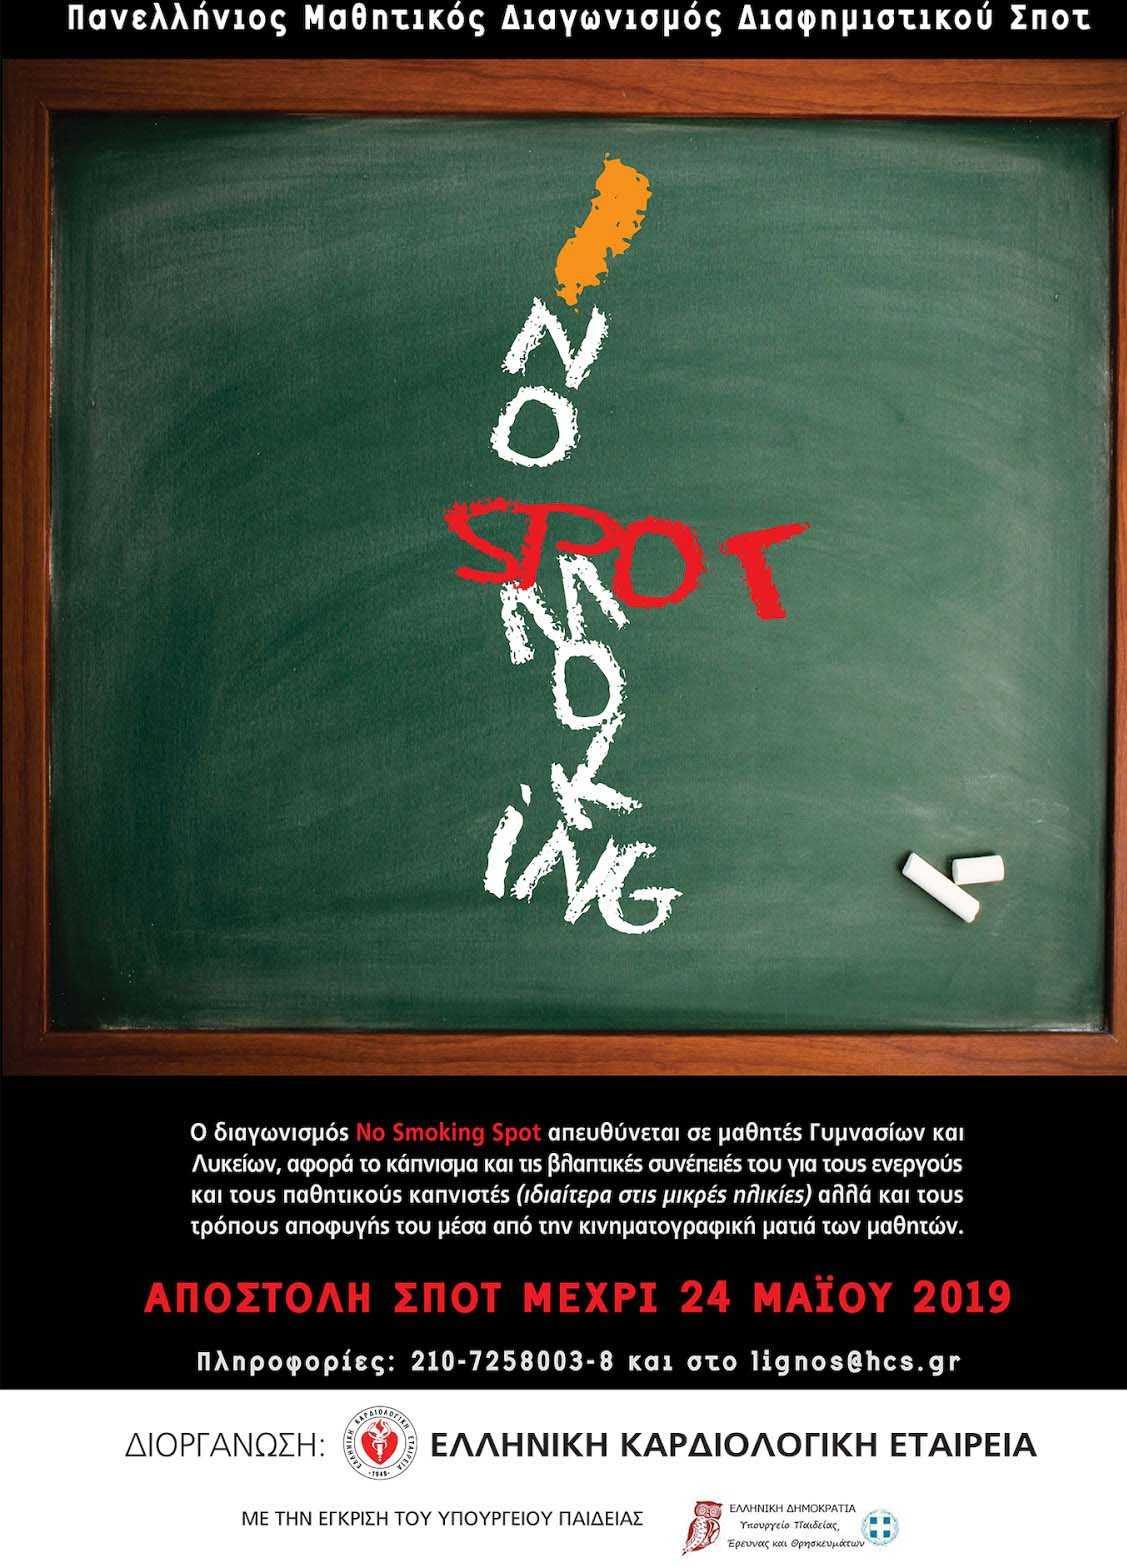 Πανελλήνιος Μαθητικός Διαγωνισμός της Ελληνικής Καρδιολογικής Εταιρείας